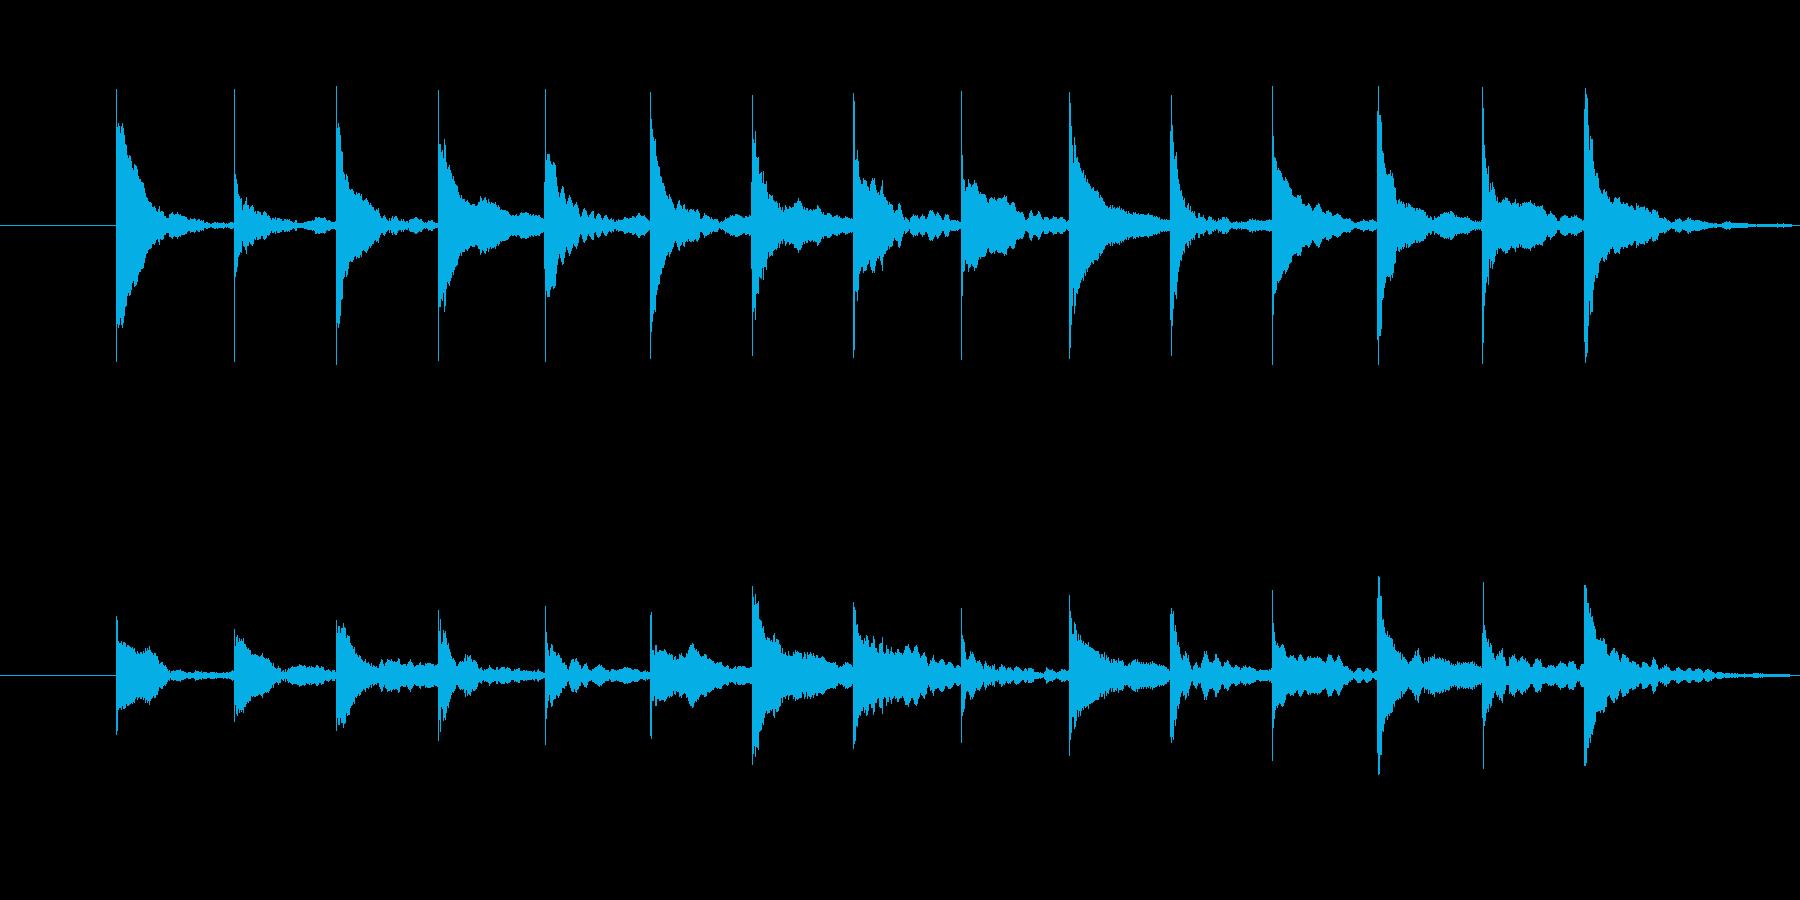 木琴の音 トリッキー ちょっとびっくりの再生済みの波形